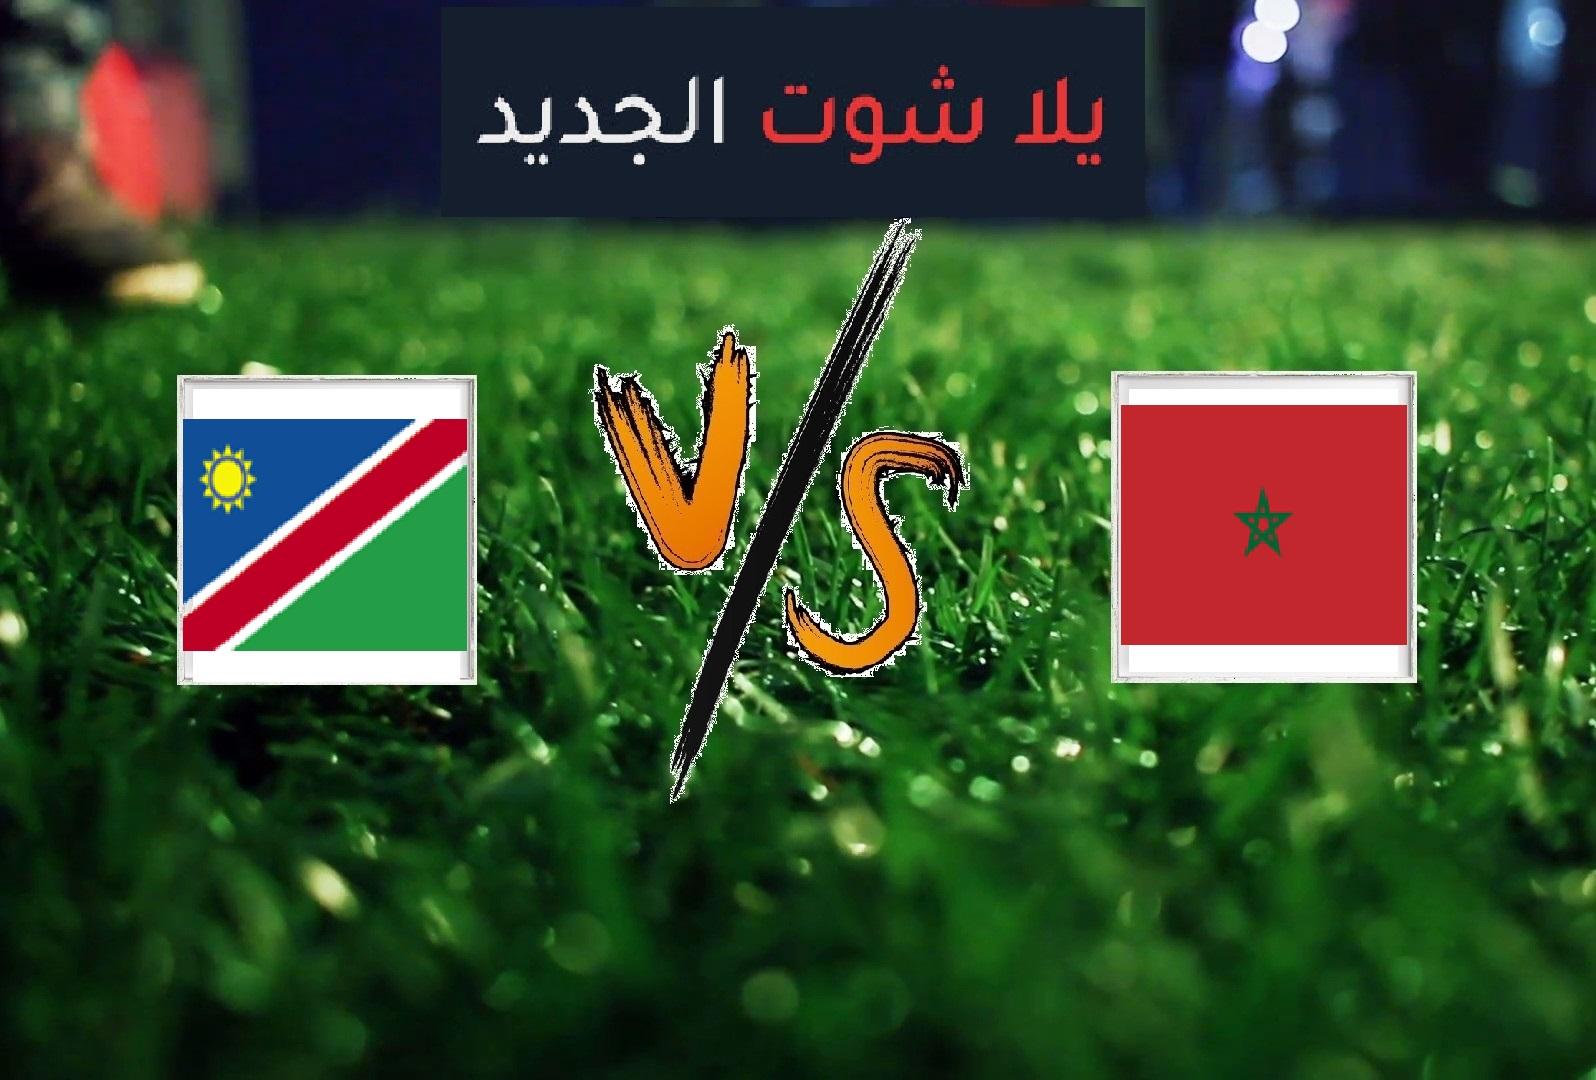 المغرب تفوز على ناميبيا بهدف دون رد اليوم الأحد 23-06-2019 كأس الأمم الأفريقية